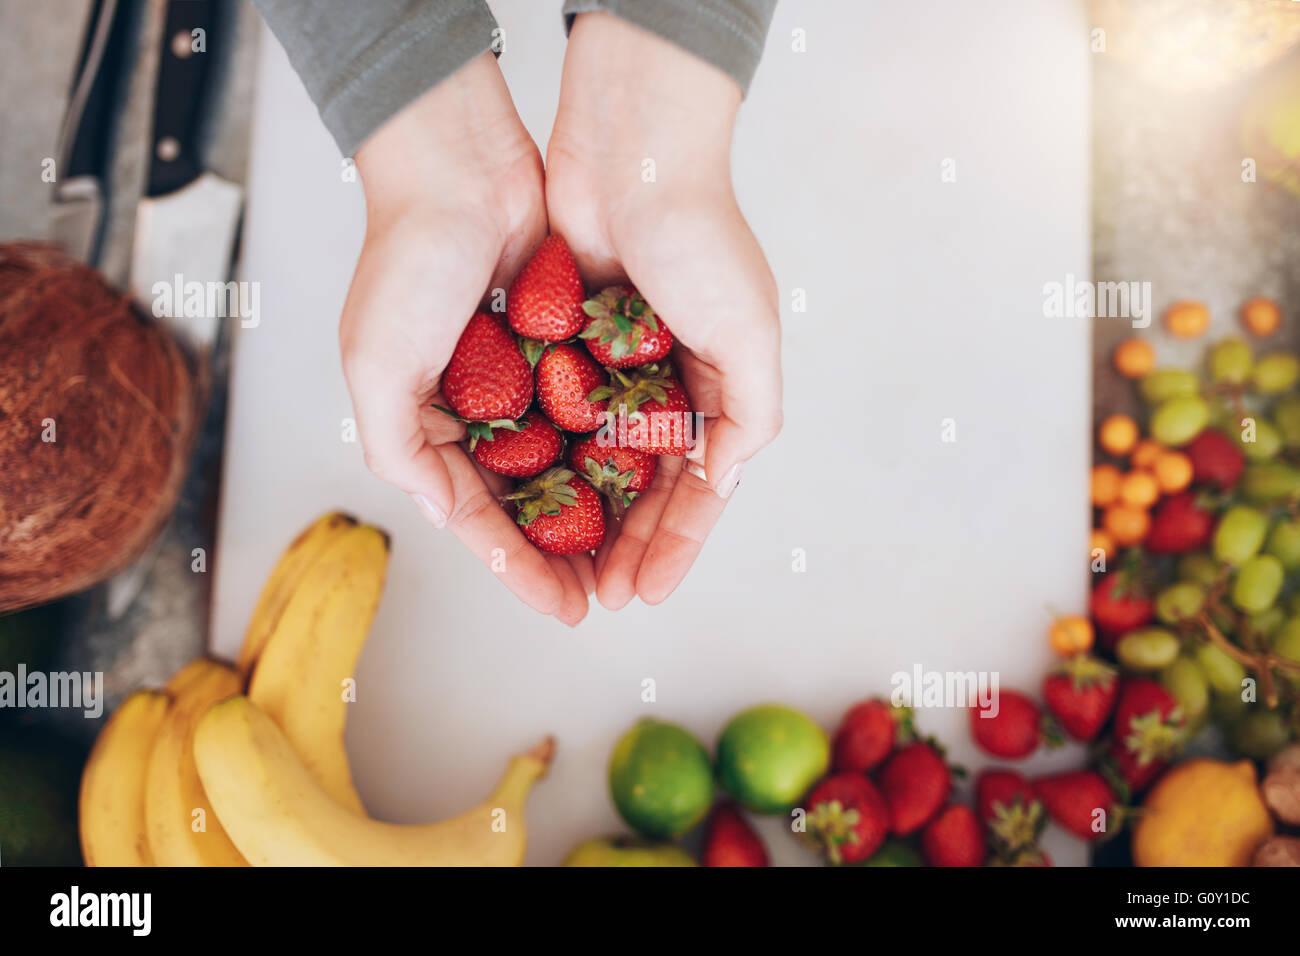 Vista superior de primer plano de una mujer manos sosteniendo fresas frescas a través de la junta de compras Imagen De Stock